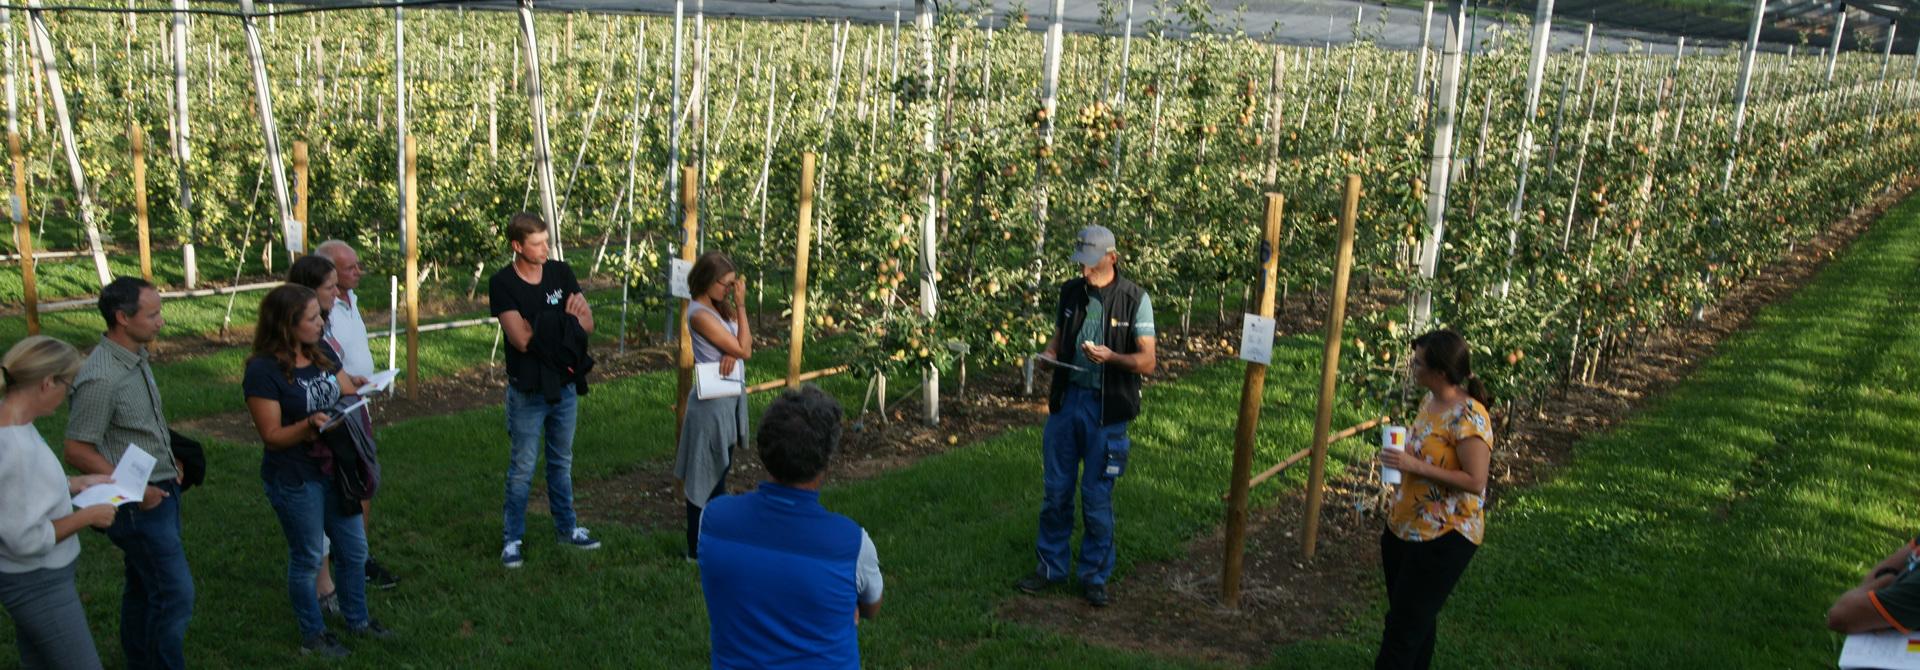 Der Strickhof Obstbau ist speziell als Ausbildungs- und Versuchsbetrieb ausgelegt. Andreas Klu00f6ppel, Betriebsleiter Obstbau, sowie Sarah Perren, Berufsschullehrerin bei den Obstlernenden, zeigten die verschiedenen Anbausysteme, Sortenvielfalt und Unterlagenvergleiche.>